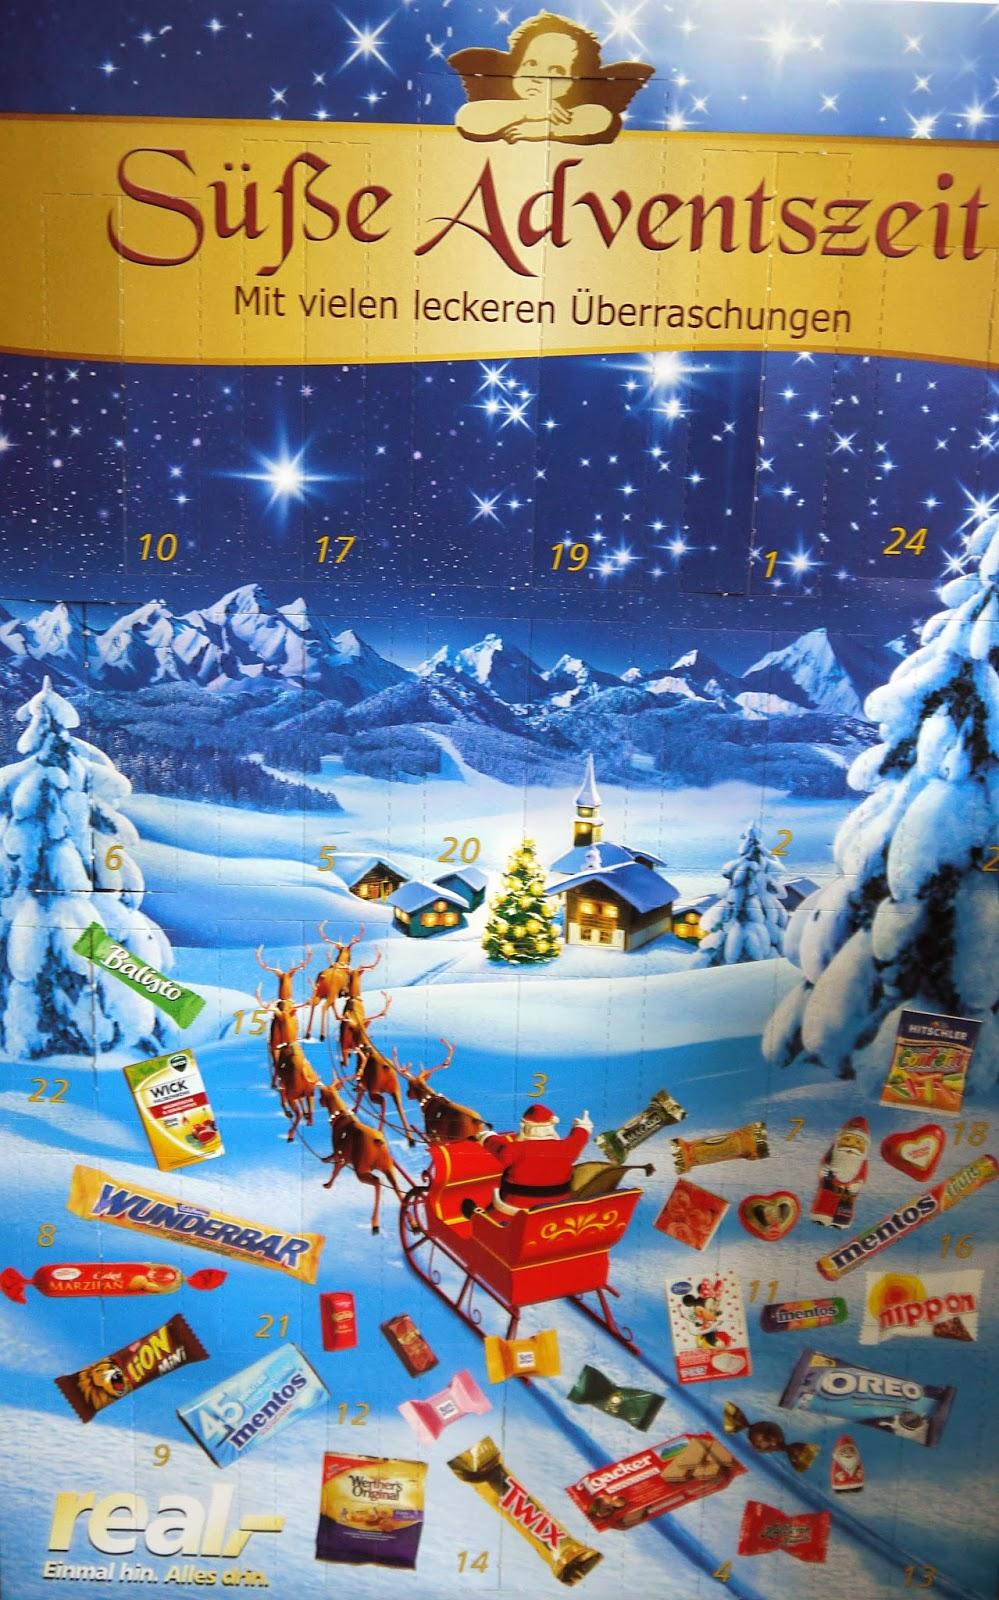 Weihnachtskalender Real.Die Welt Der Kleinen Anna Real Adventskalender Türchen 11